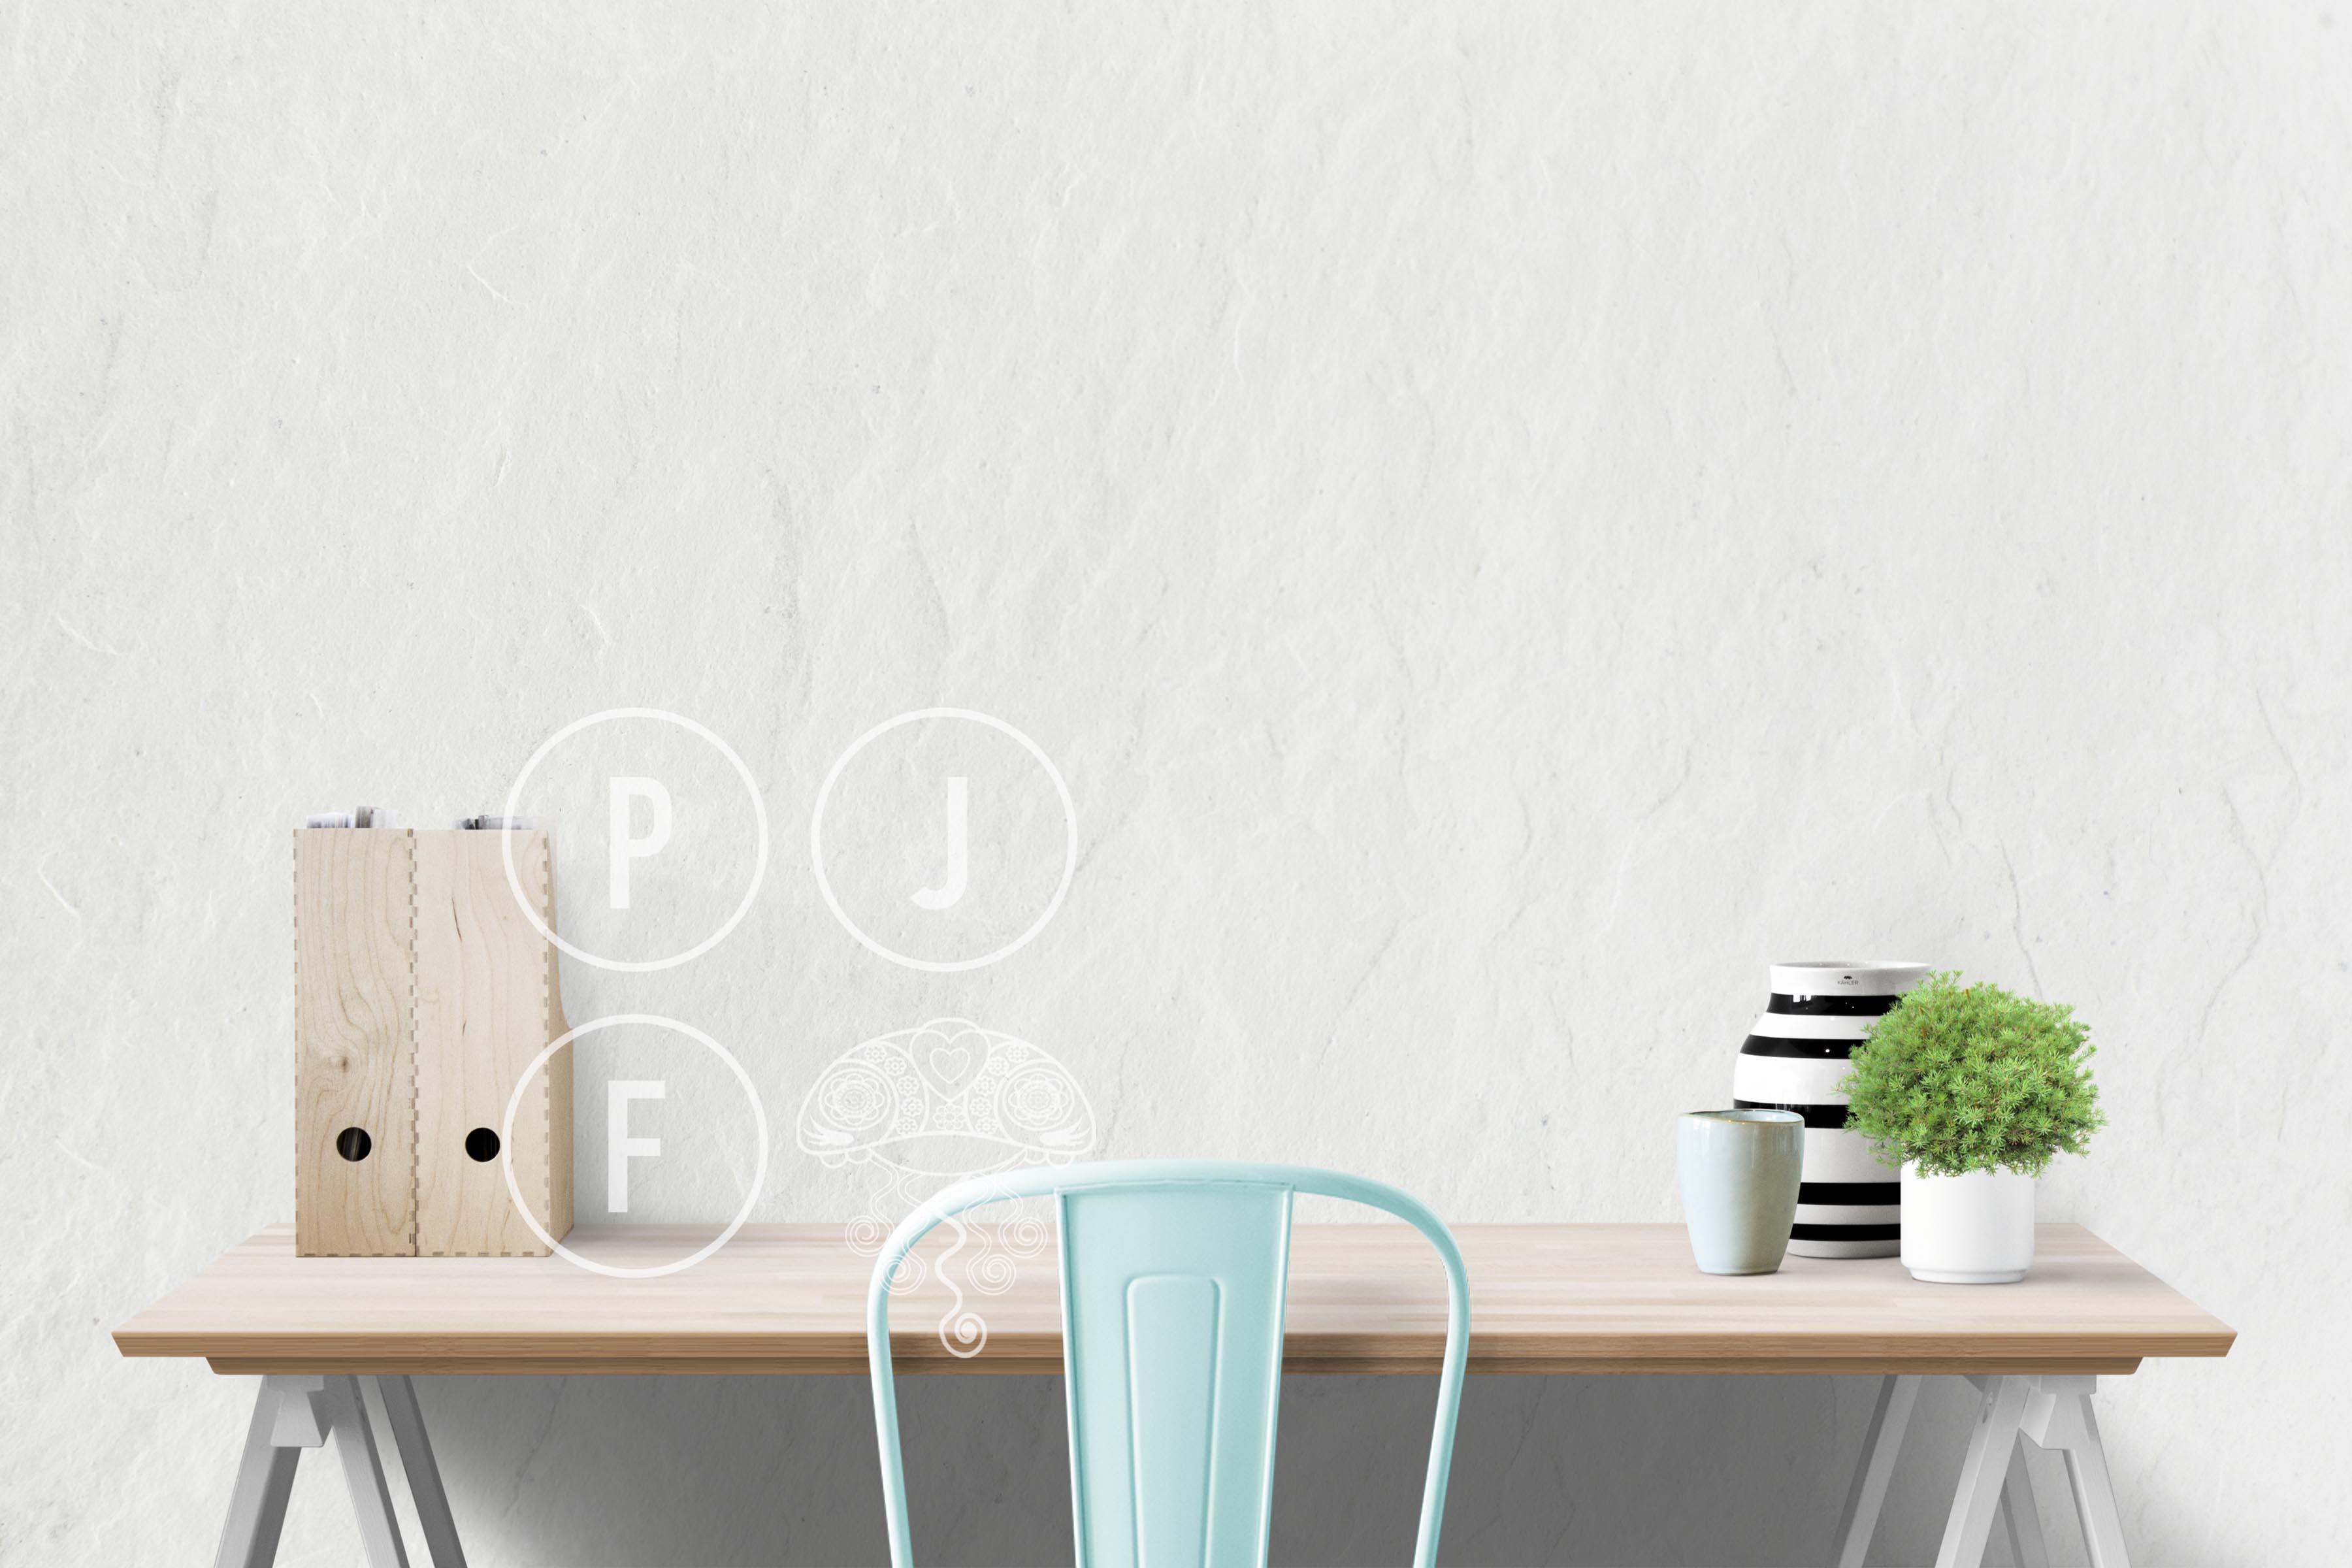 wall mockup, interior wall, desk mockup, blank wall mockup example image 2